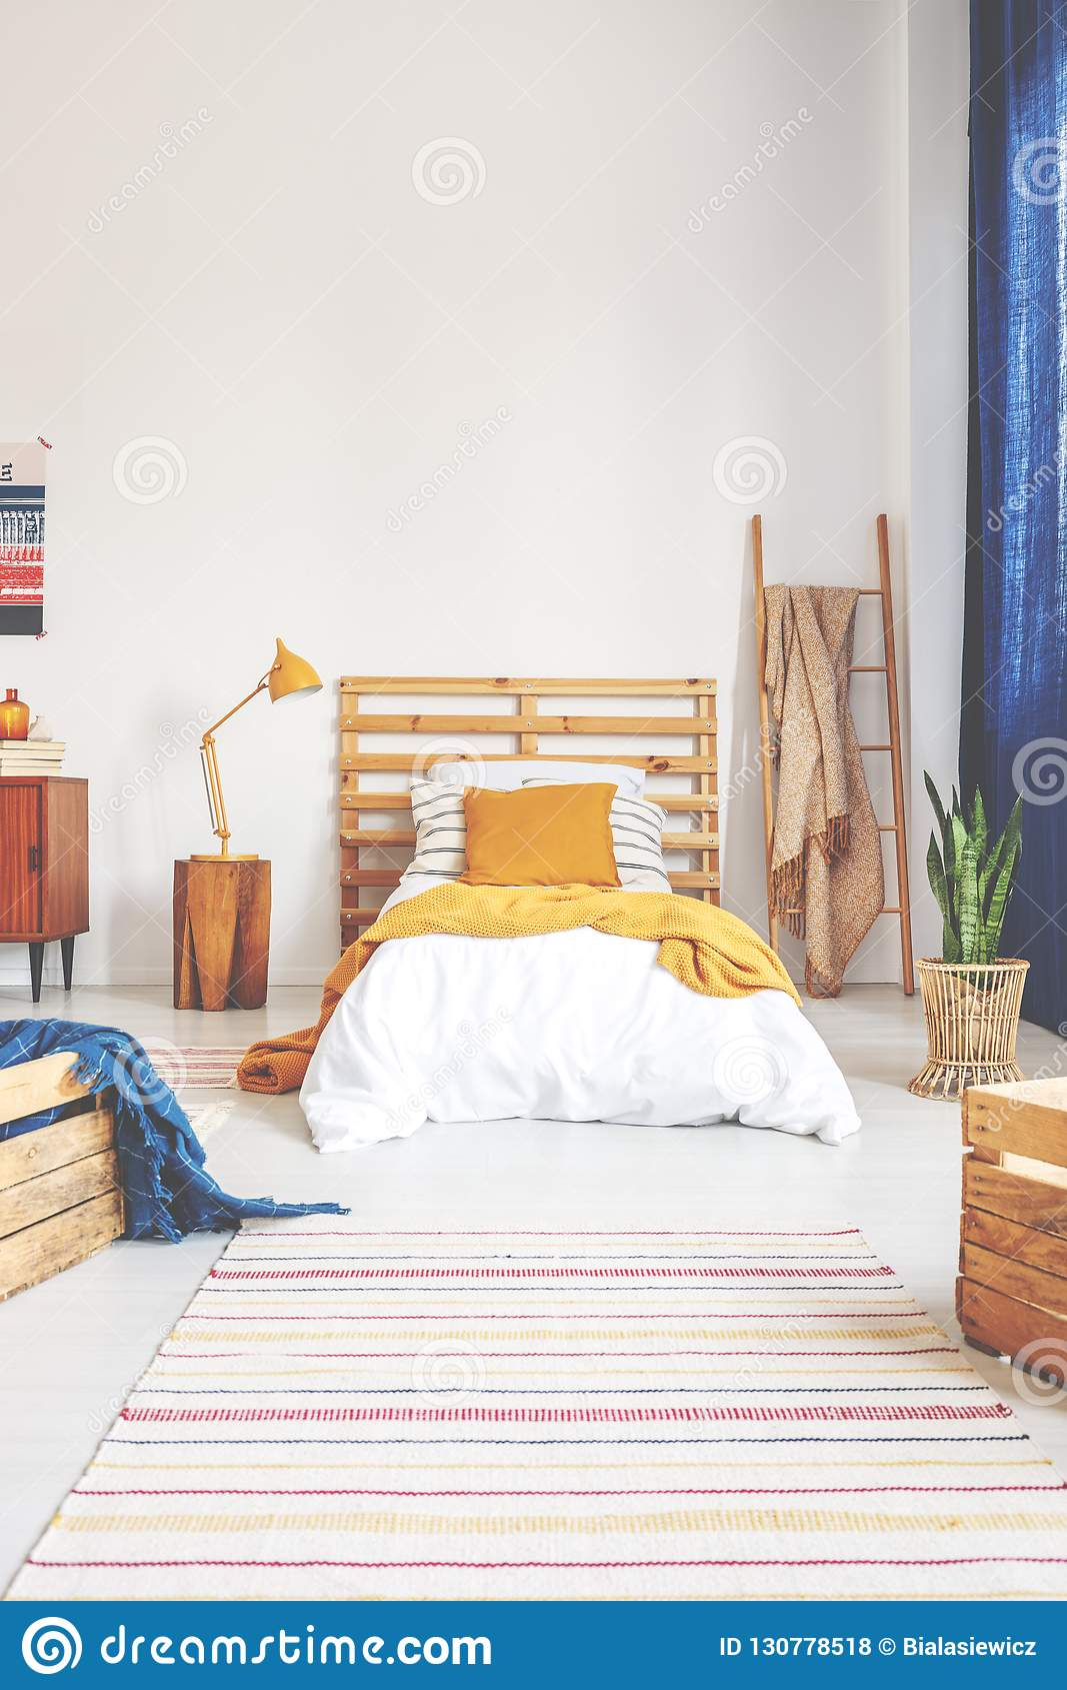 Gelbes Kissen und Decke auf bequemem weißem hölzernem Bett im Jugendlichschlafzimmer mit abgestreiftem Teppich auf dem Boden